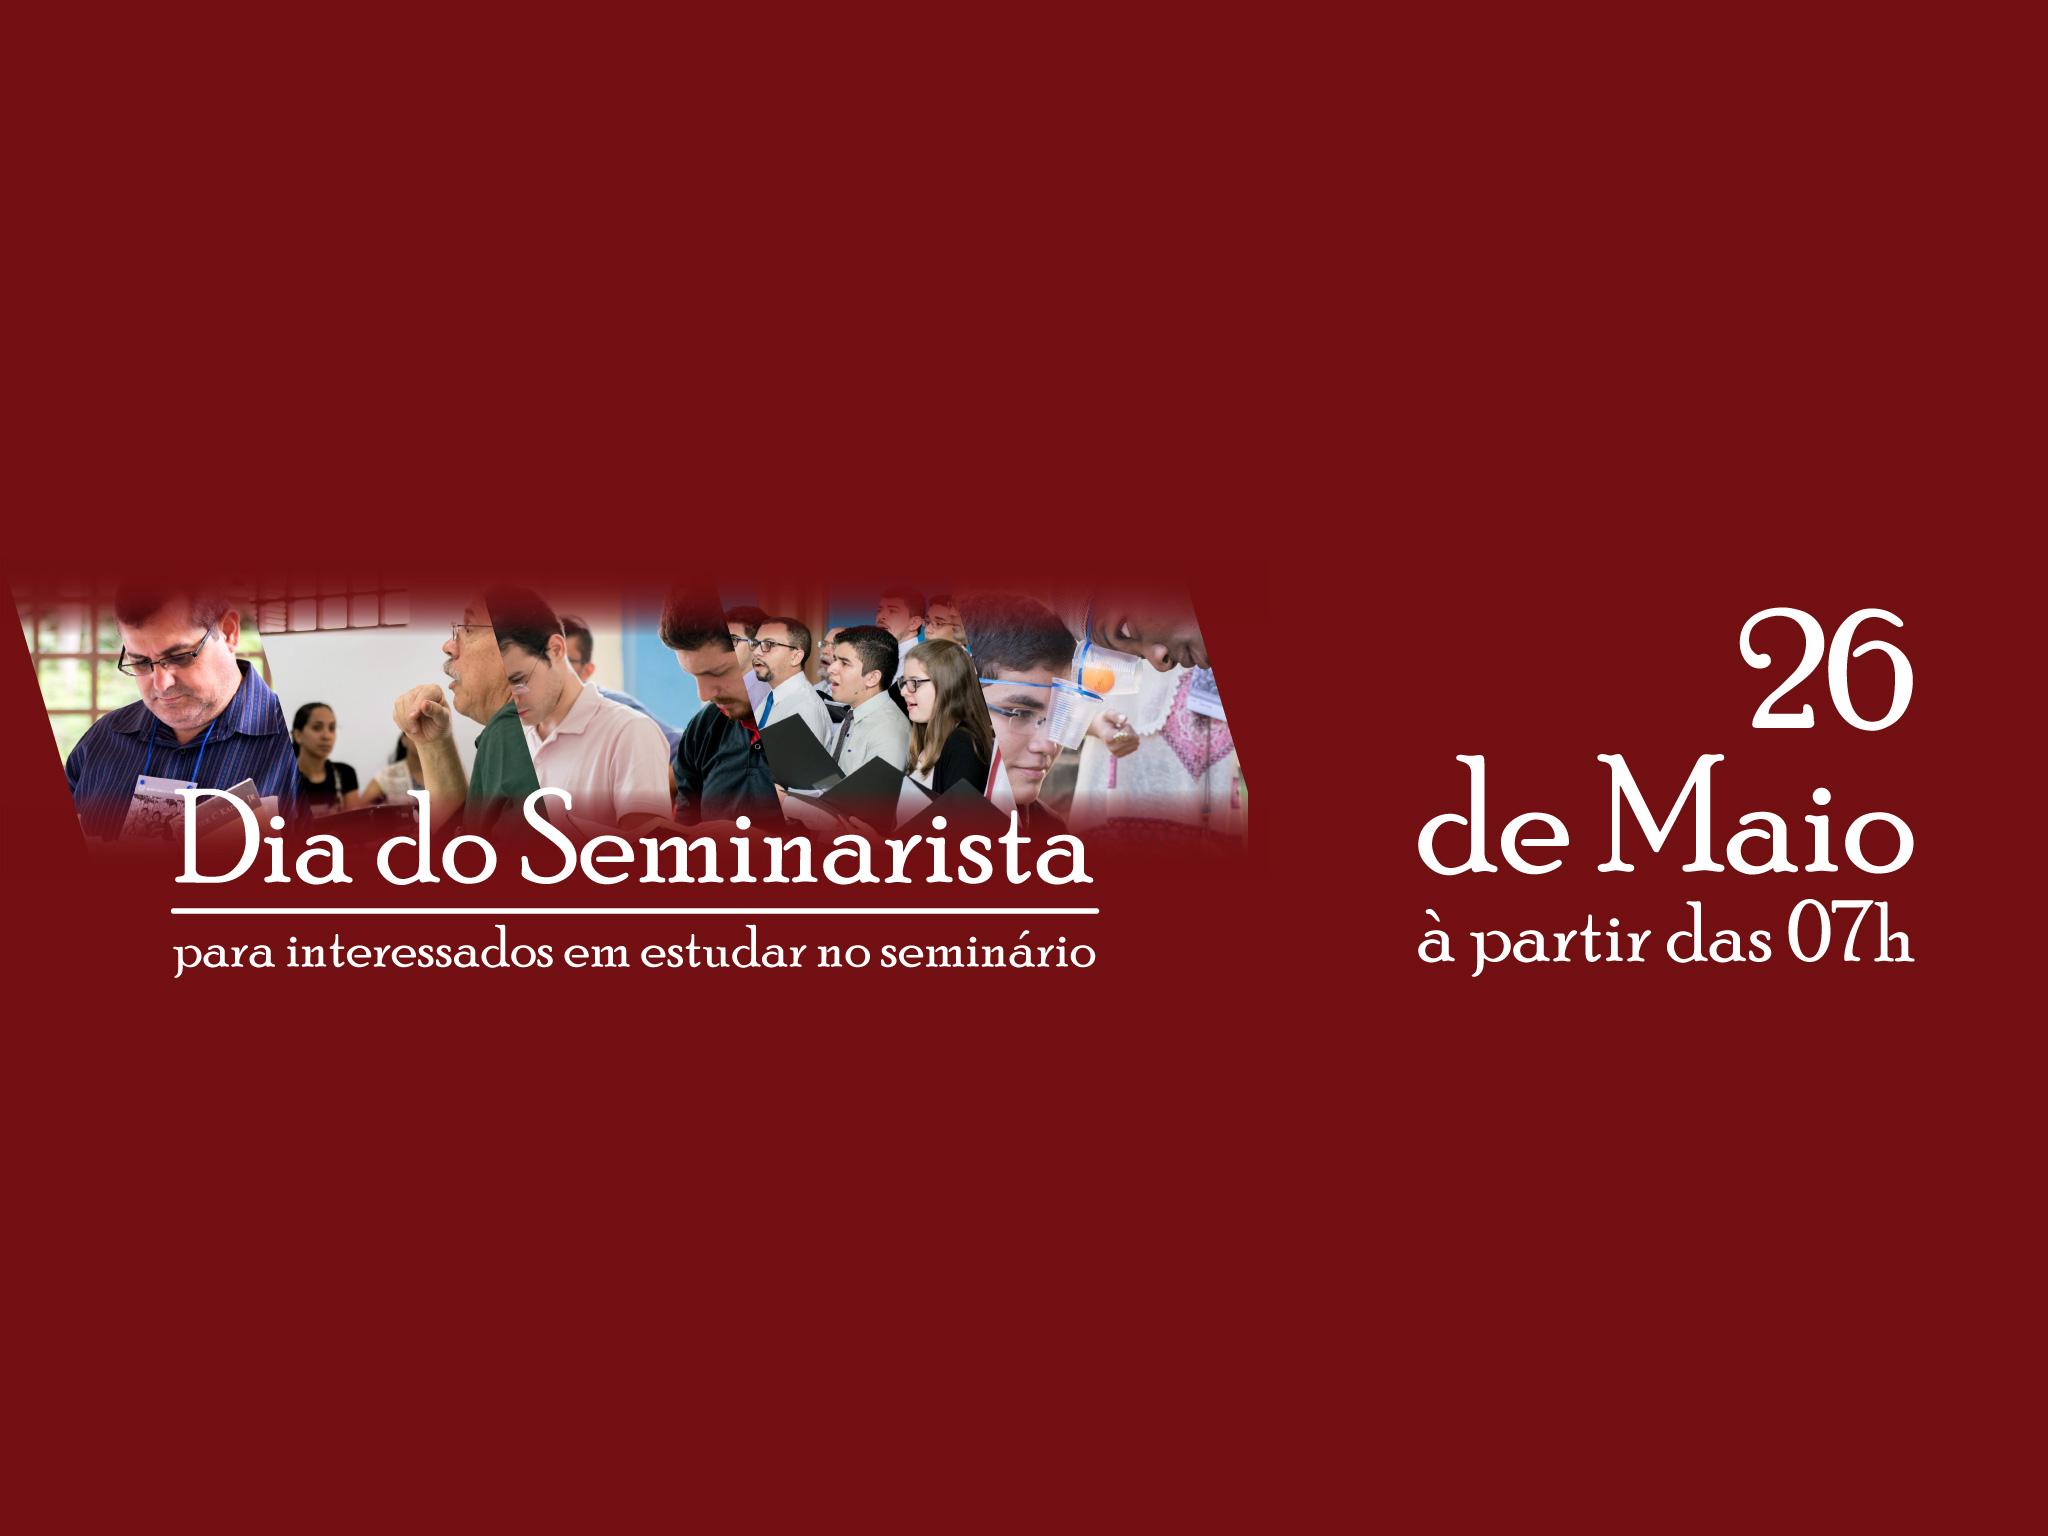 dia do seminarista para interessados em estudar no seminário